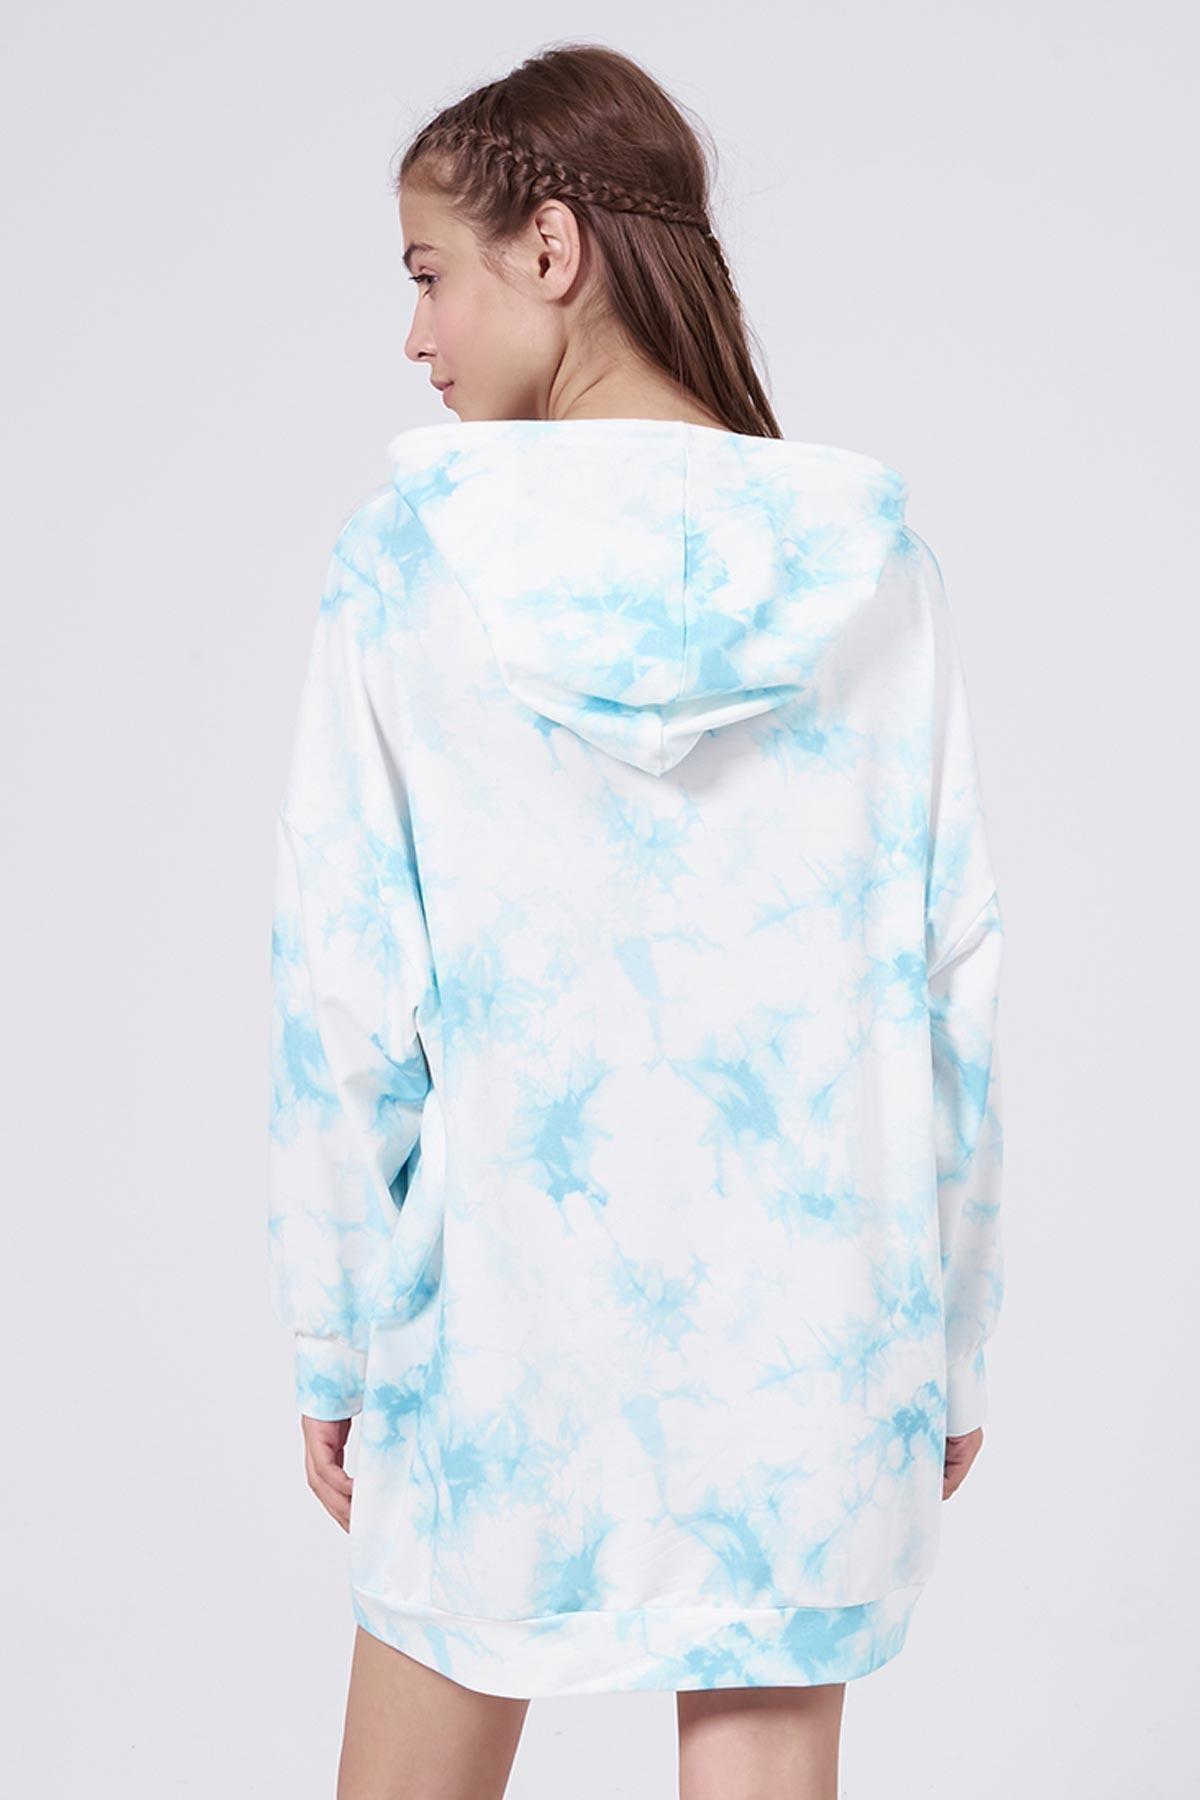 Pattaya Kadın Mavi Batik Desenli Kapşonlu Oversize Sweatshirt Elbise P20W-4145 3